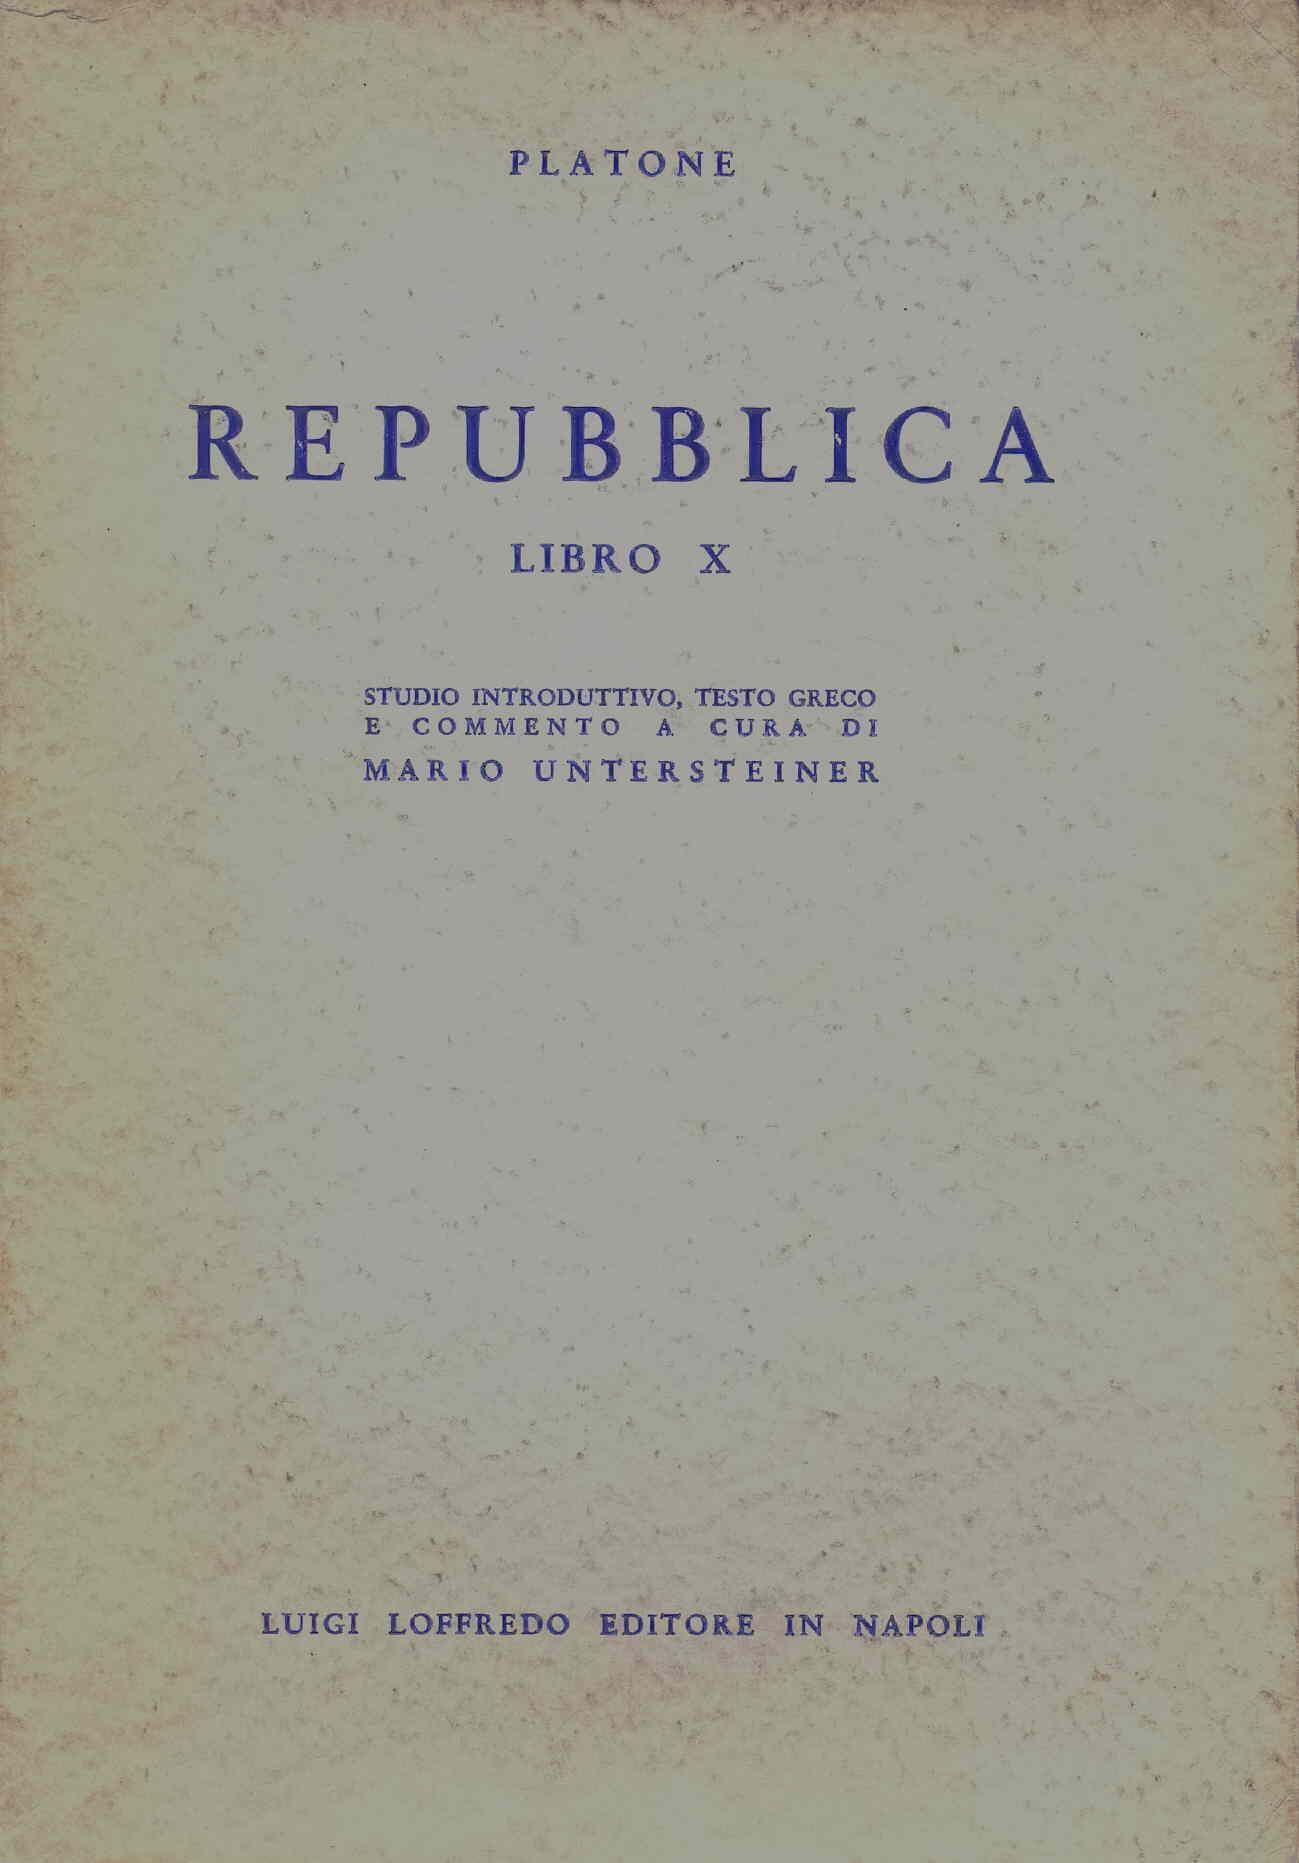 Repubblica - Libro X